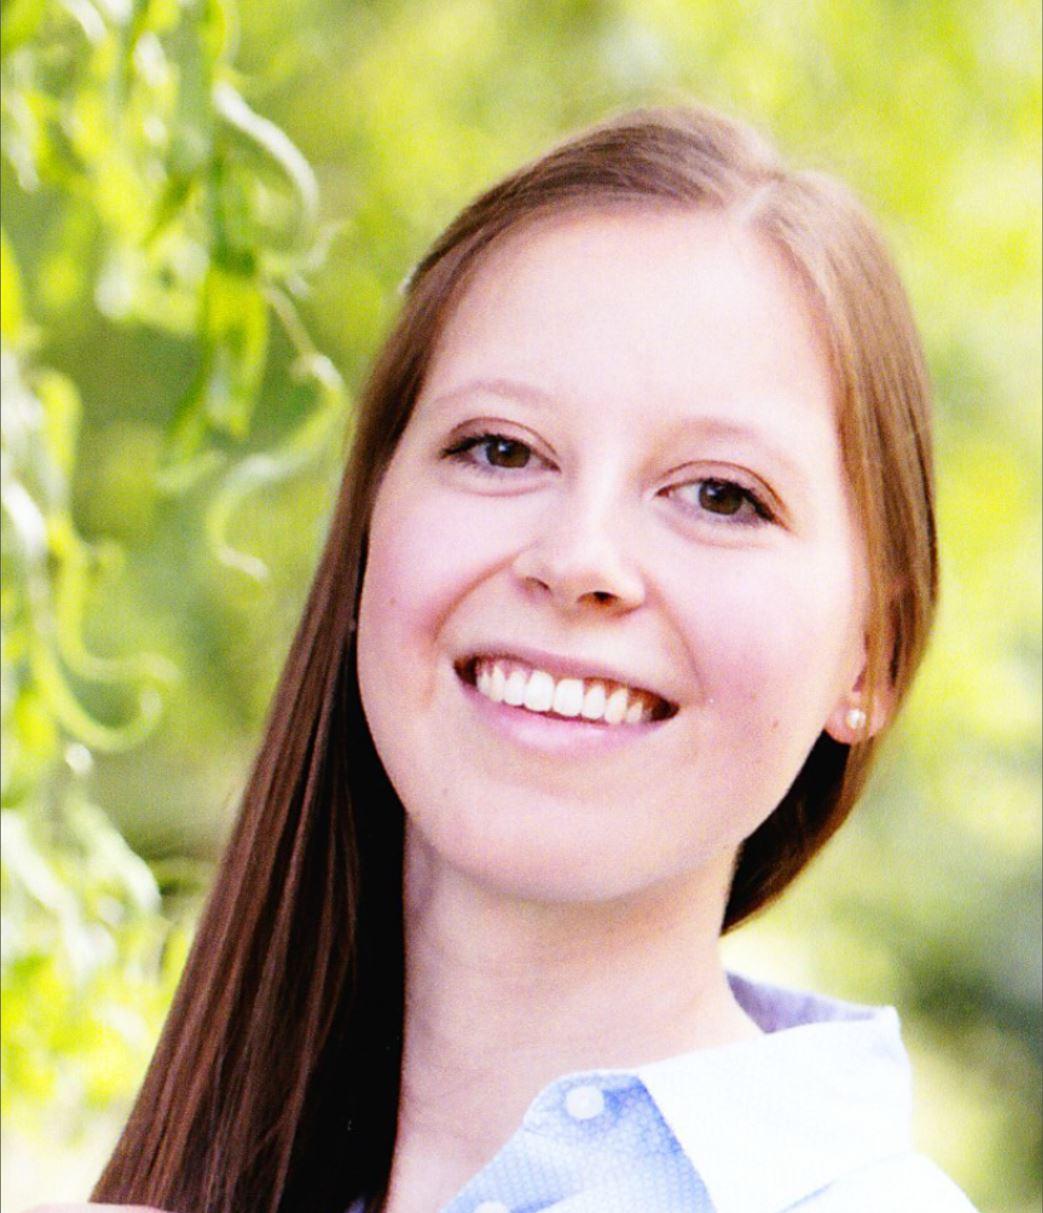 Fabienne Seifert